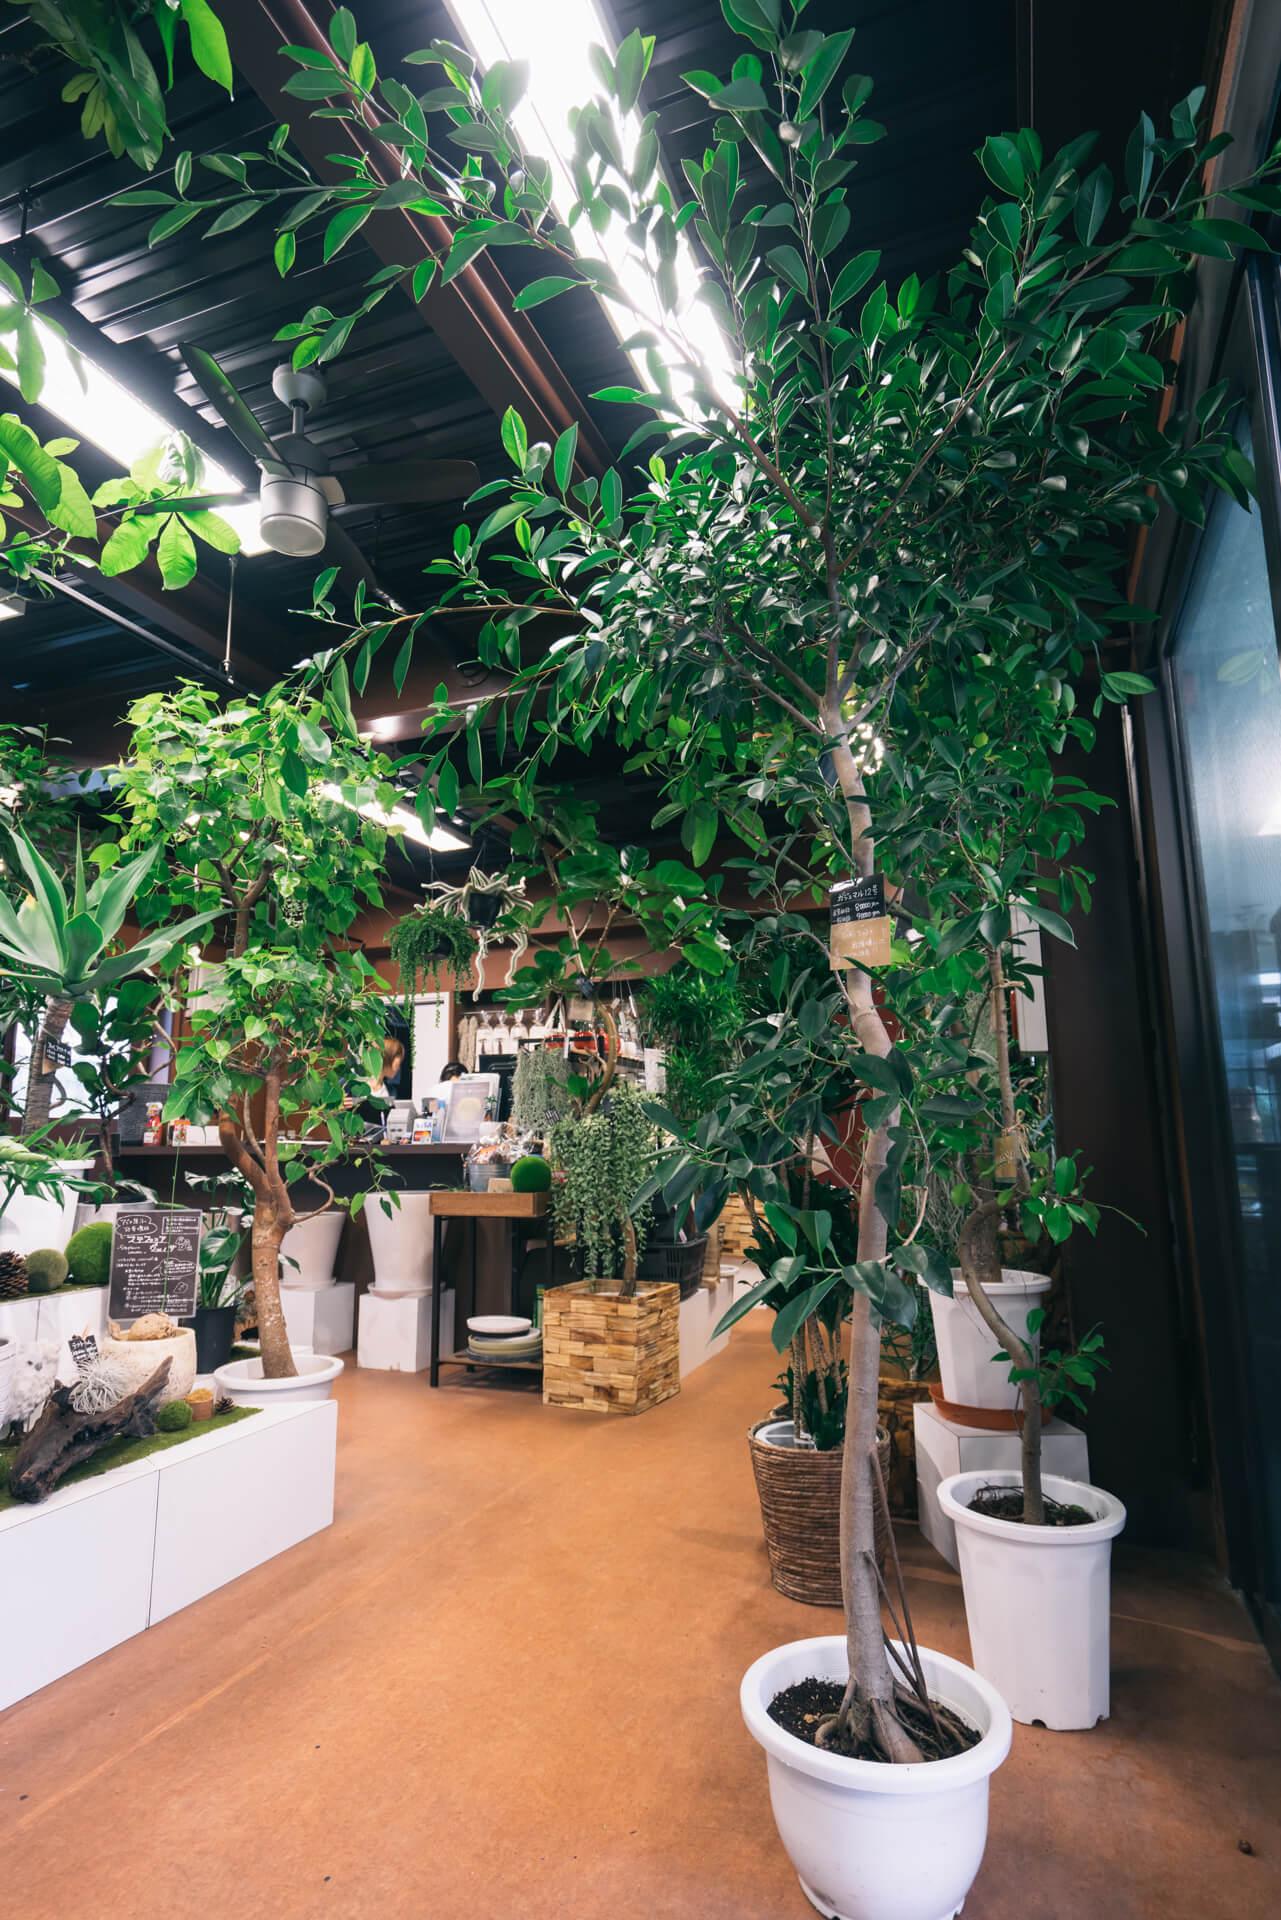 藍さんのお部屋にあったのと同じ、大きなガジュマルの木。「このガジュマルも同じ生産者の人のものですよ」と力石さん。